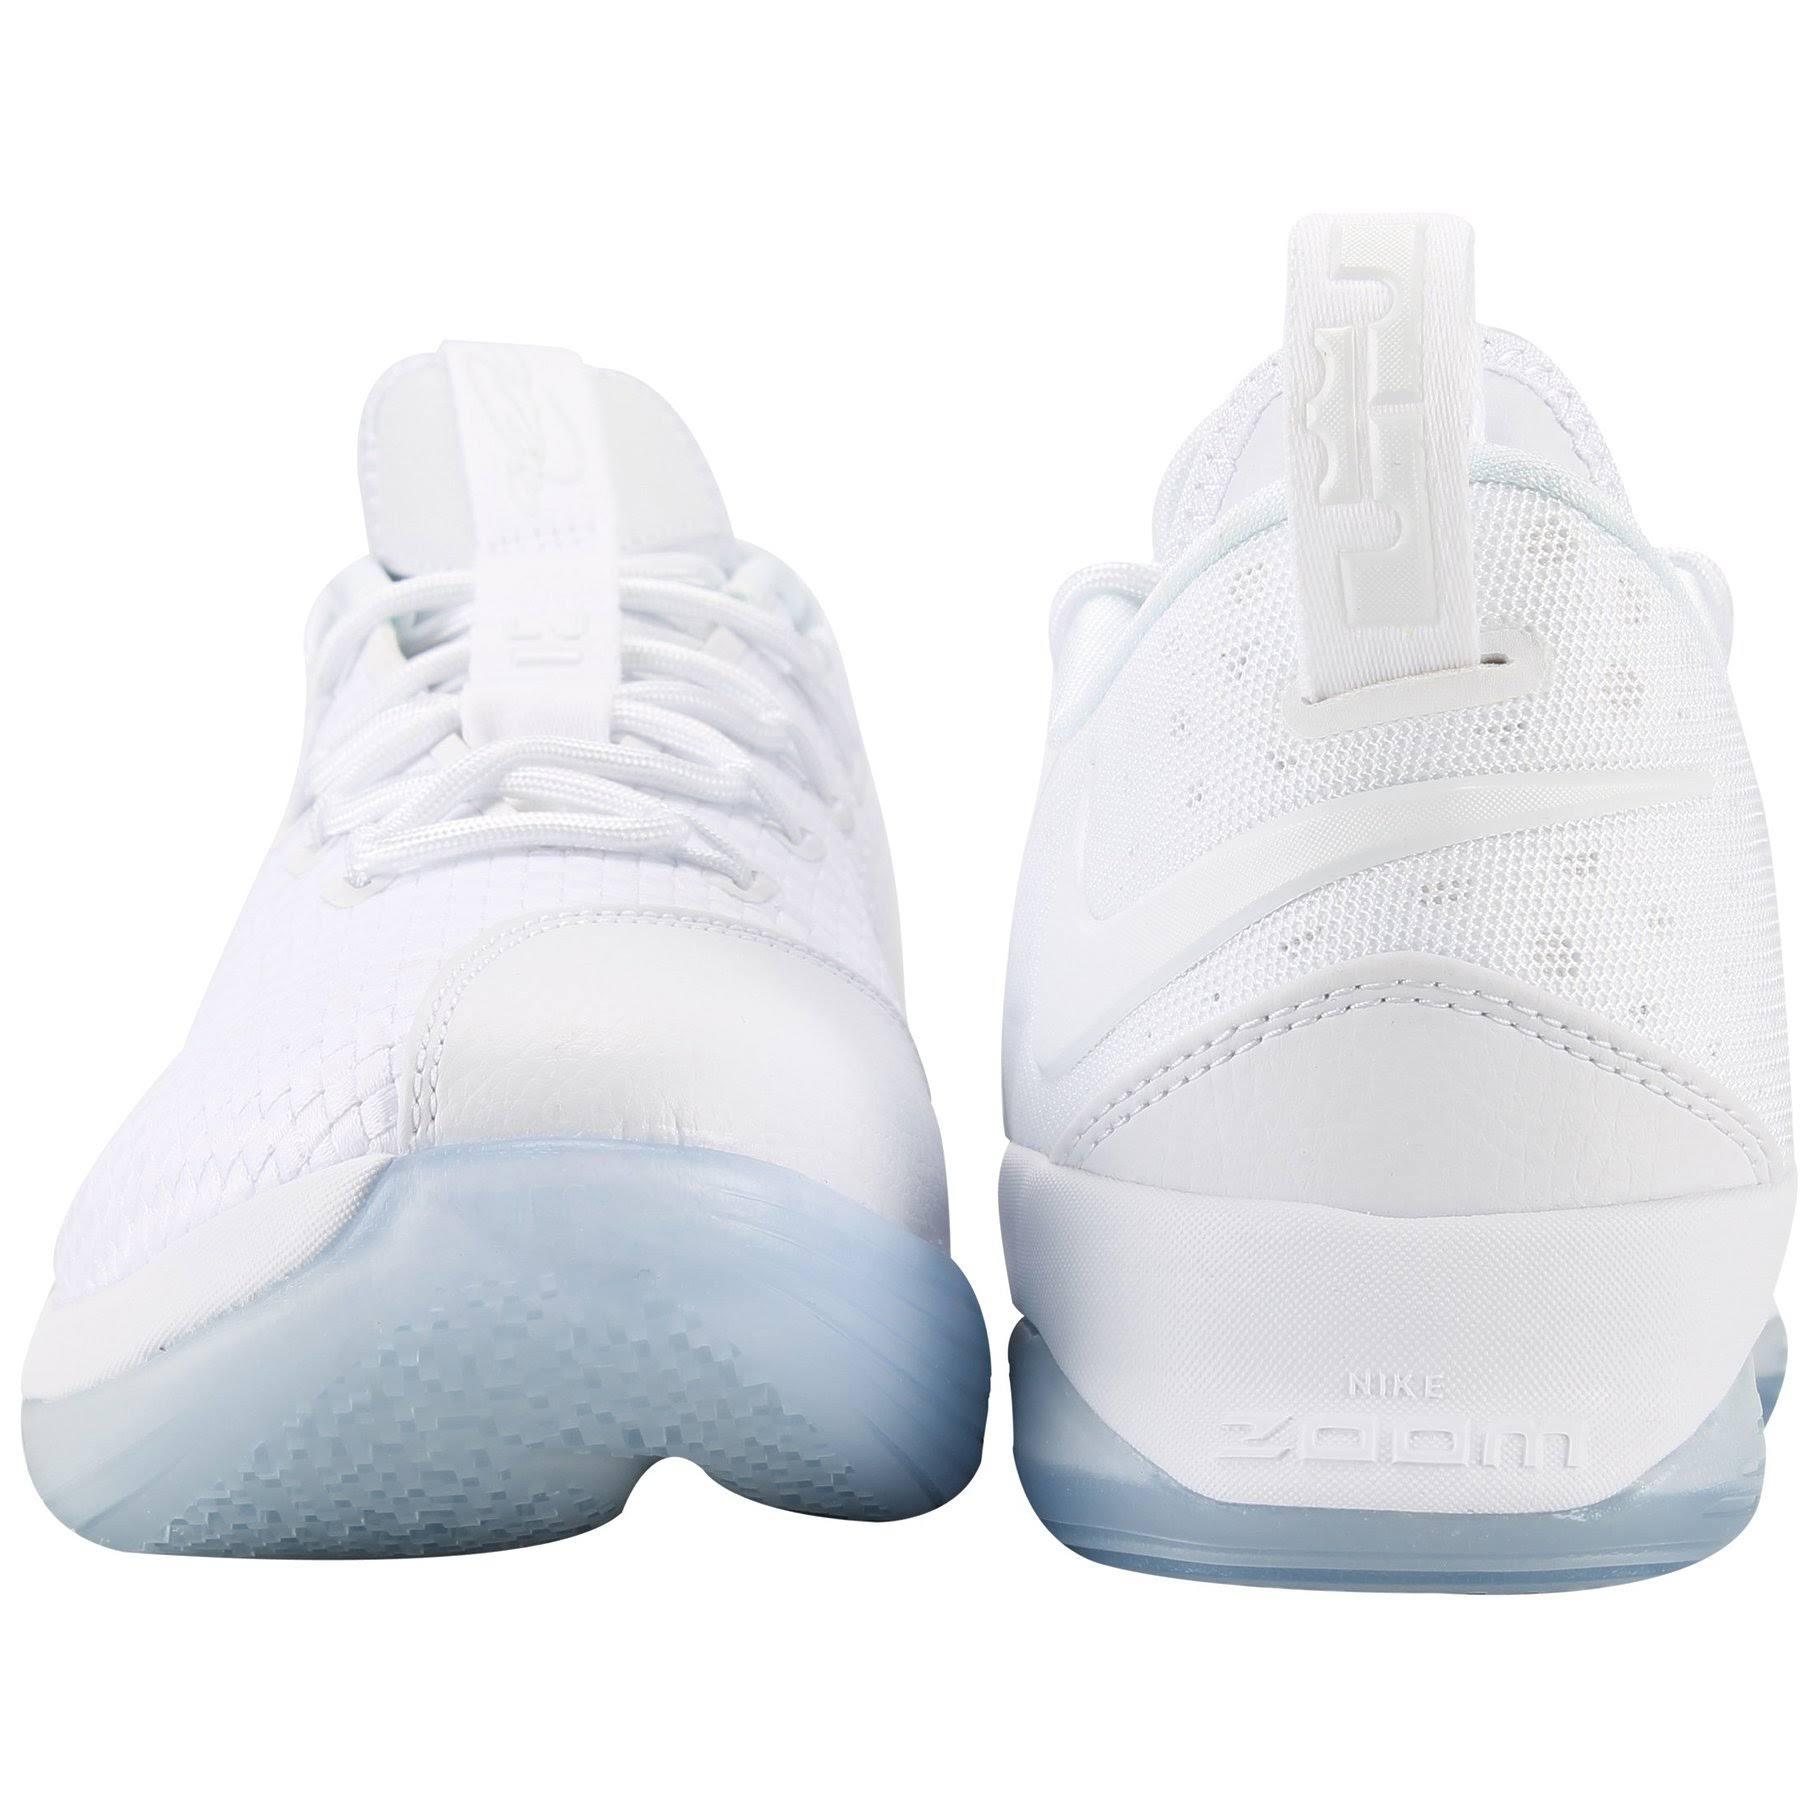 Lebron 5 Buty 14 Męskie Niskie Białe 9 Rozmiar Do Koszykówki Nike pqdOwxp